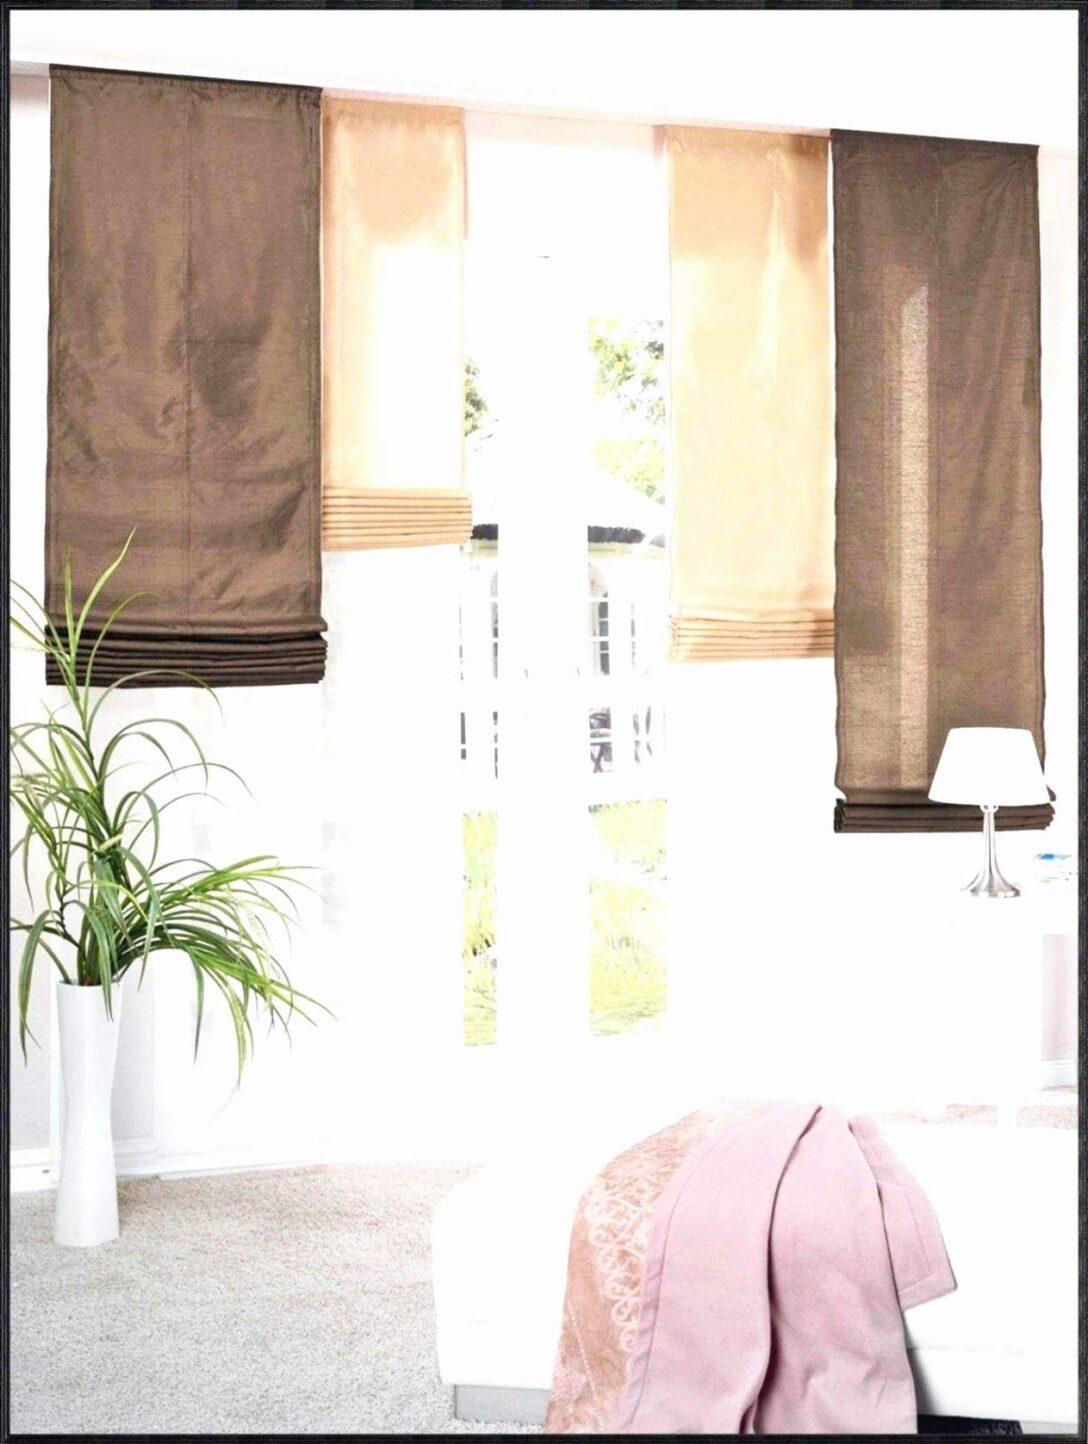 Large Size of Vorhänge Küche Ikea Wandtatoo Eckunterschrank Wasserhahn Theke Winkel Mit Aufbewahrung Kosten Grifflose Kaufen Tipps Günstig Wandregal Landhaus Singleküche Wohnzimmer Vorhänge Küche Ikea